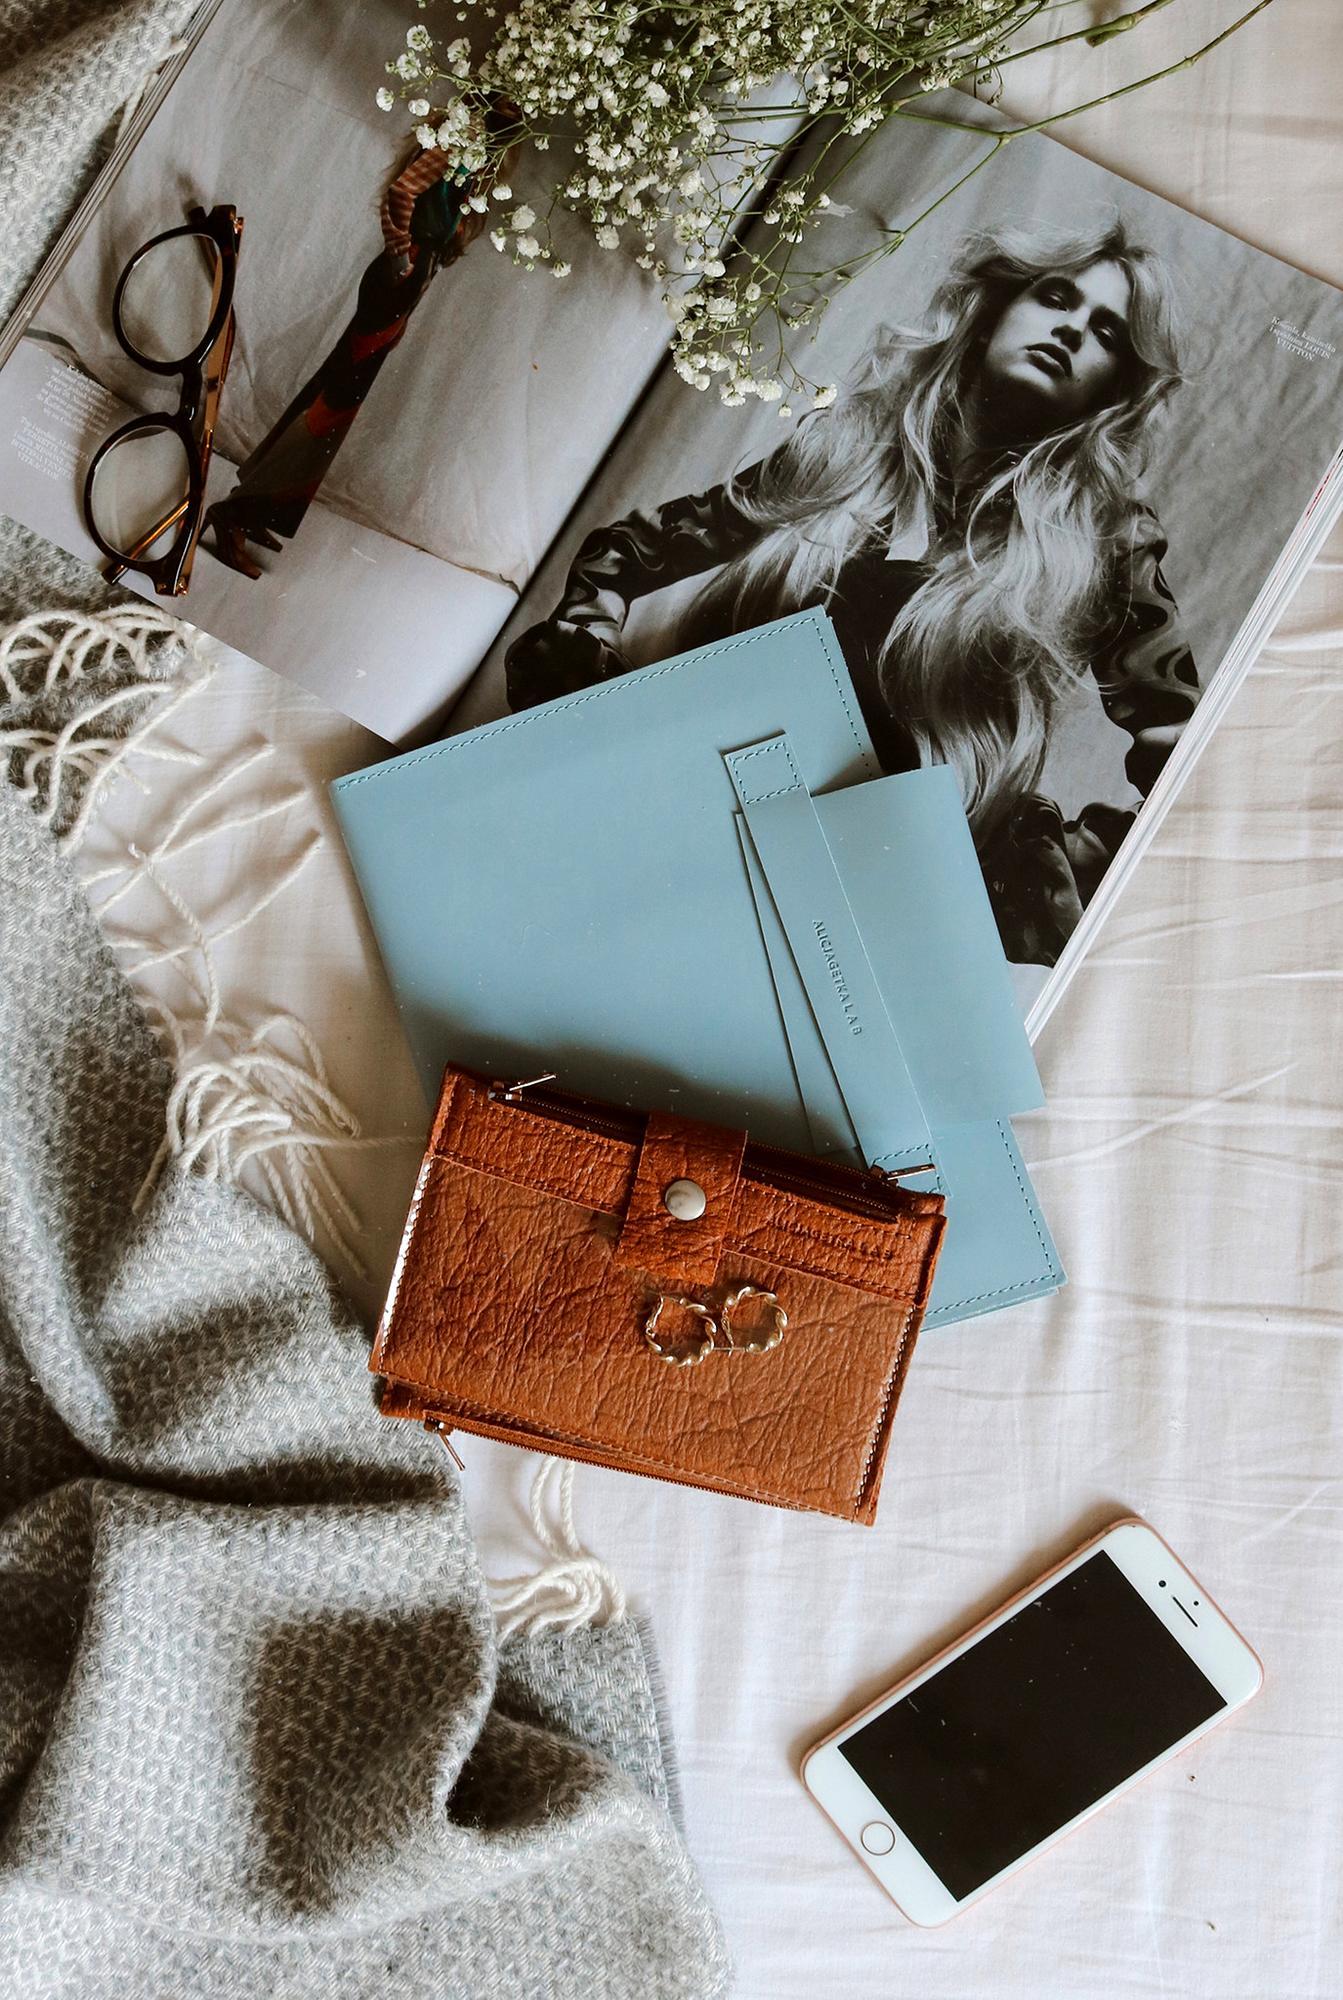 """Portfel Pocket BIG Ananas Cinnamon to nasz bestseller oryginalny i wielofunkcyjny portfel Pocket BIG w wegańskiej wersji 3 zamykane na suwak kieszenie w tym 2 transparentne: 1 duża zewnętrzna oraz 1 wewnętrzna na monety 1 odpinana kieszeń świetna na kartę miejską czy dokumenty od samochodu osobne kieszonki na karty i banknoty duża zewnętrzna transparentna kieszeń pomieści telefon dotyk działa doskonale przez folię długopis duże zdjęcie i inne rzeczy które nosisz ze sobą Portfel wykonany jest z Piñatexu nowatorskiego opatentowanego materiału premium który jest całkowicie wegański a jego produkcja jest odpowiedzialna i zrównoważona środowiskowo gdyż do jego wytworzenia używane są liście ananasa będące produktem ubocznym ekologicznych upraw ananasa na Filipinach Materiał ten jest ultra lekki i wodoodporny a zarazem bardzo wytrzymały elastyczny i oddychający Jego """"pognieciona"""" charakterystyczna struktura czyni go jedynym w swoim rodzaju a jednocześnie odpornym na zagniecenia W nielakierowa"""